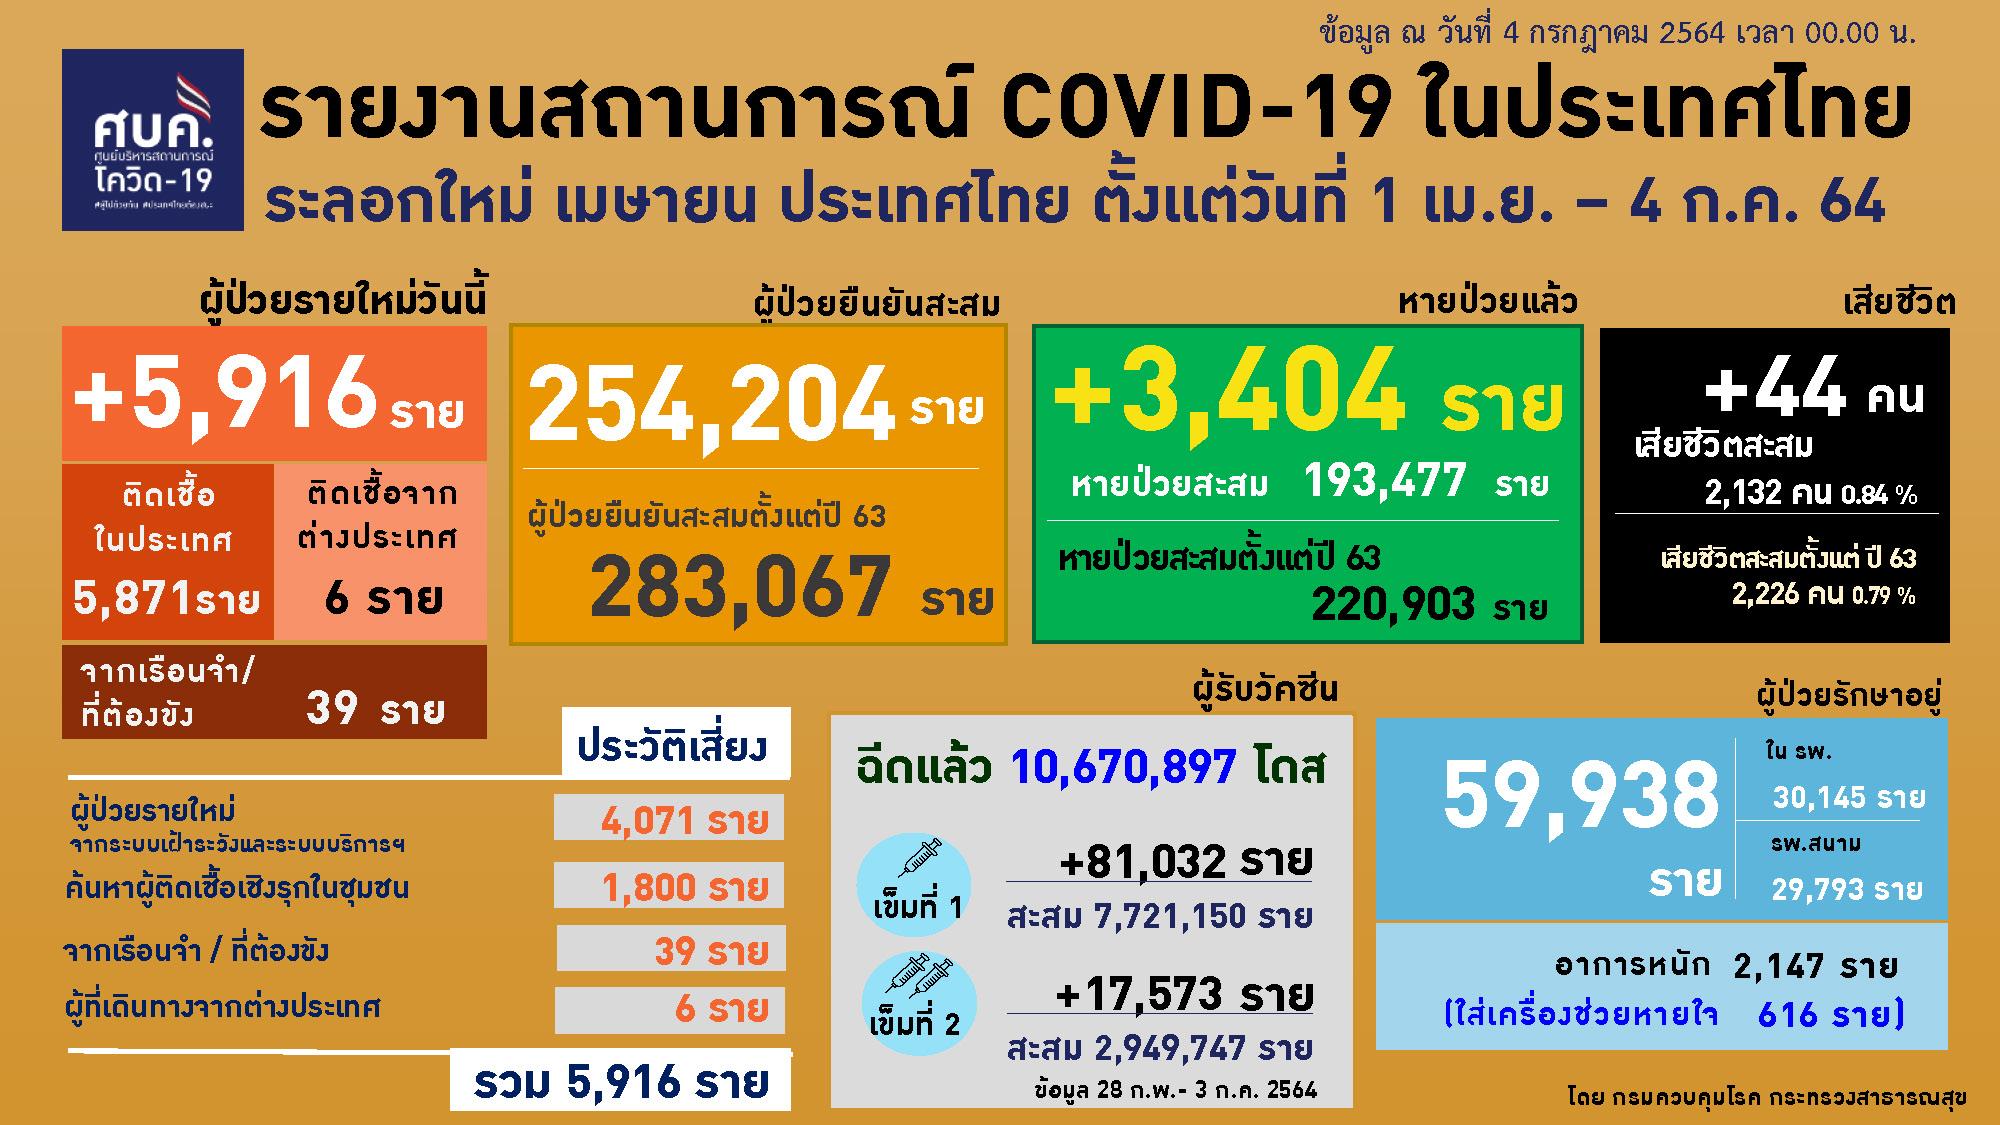 สถานการณ์โควิด-19 โควิด-19 โควิด-19 วันนี้